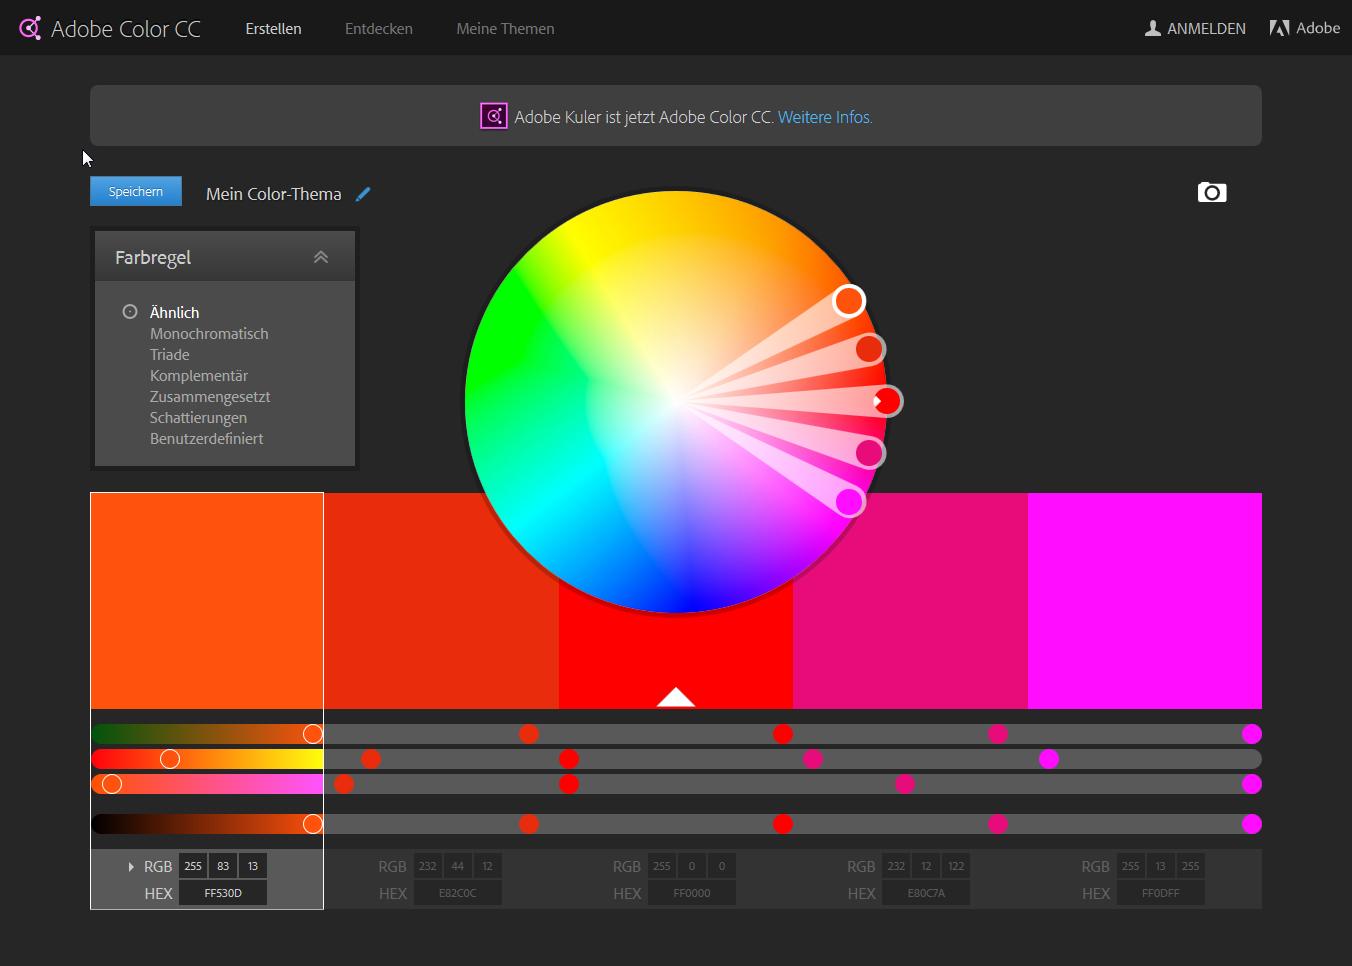 Farbrad _ Farbschemata - Adobe Color CC